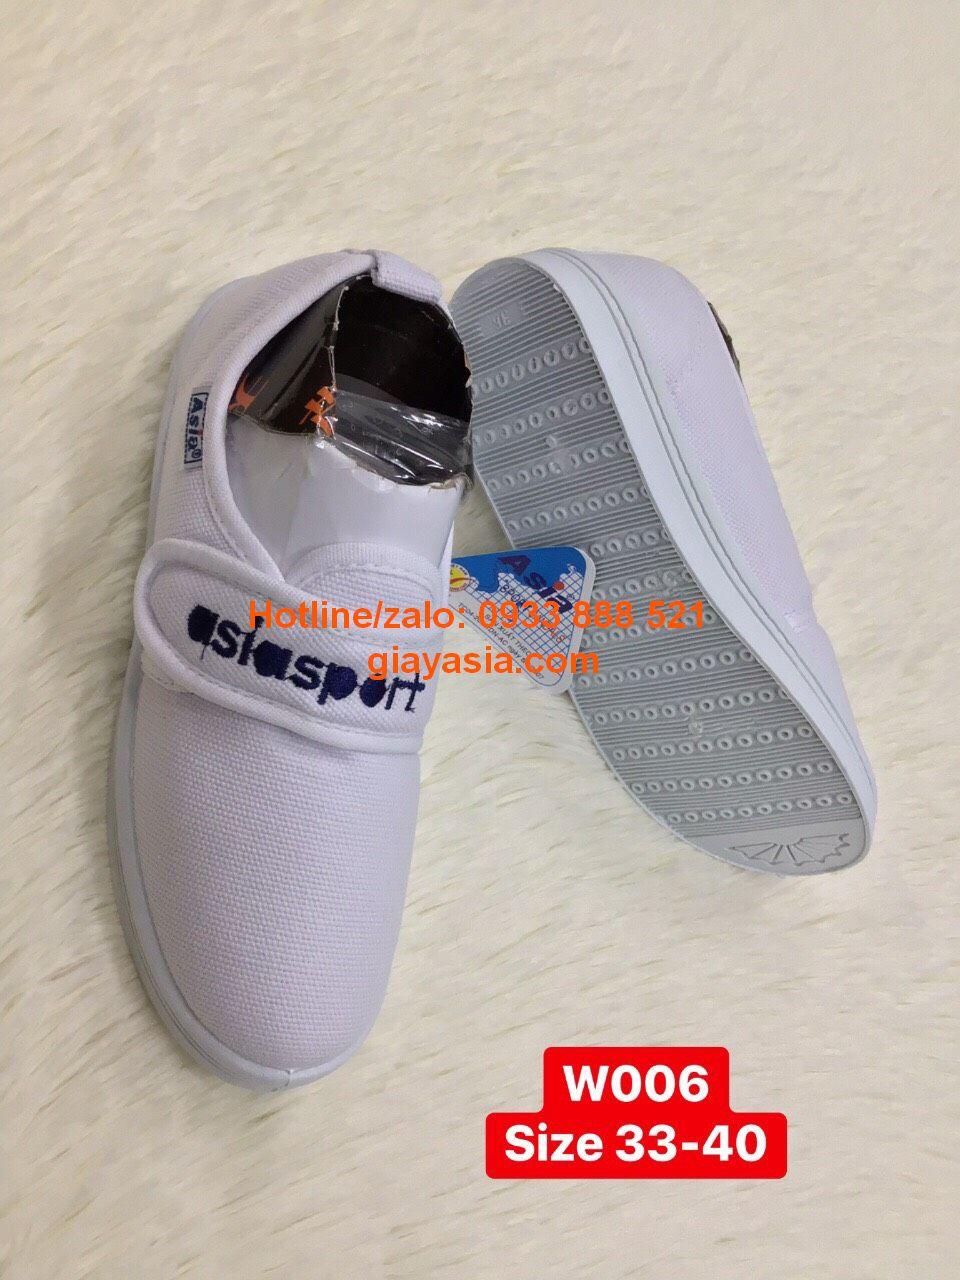 Mua giày asia cho công nhân giá rẻ ở Bình Dương, Long An, Đồng Nai, Bình Phước, Tây Ninh, Tiền Giang, Cần Thơ